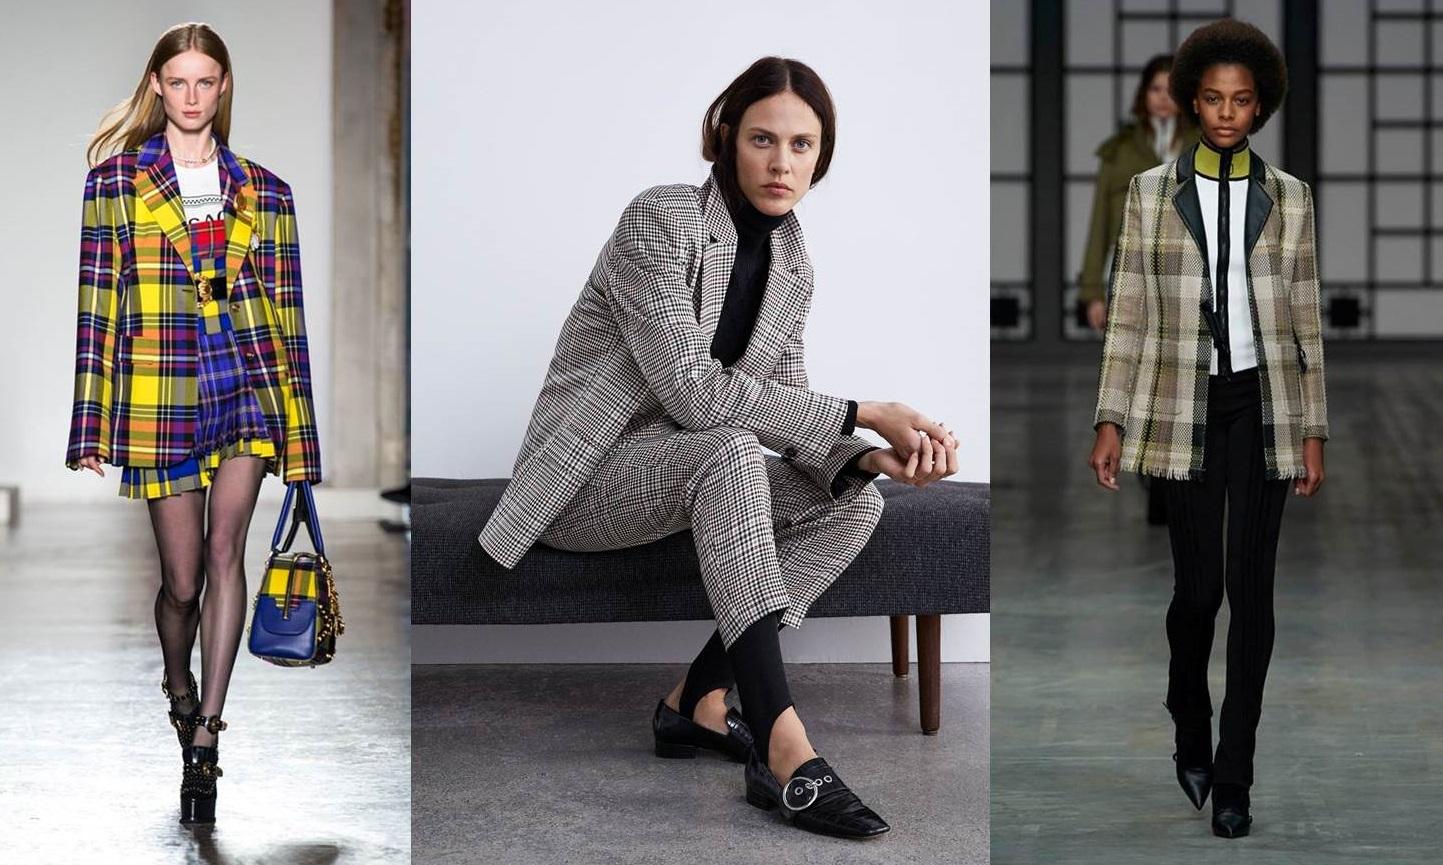 Giacche e blazer a quadri, la tendenza invernale e come abbinarli